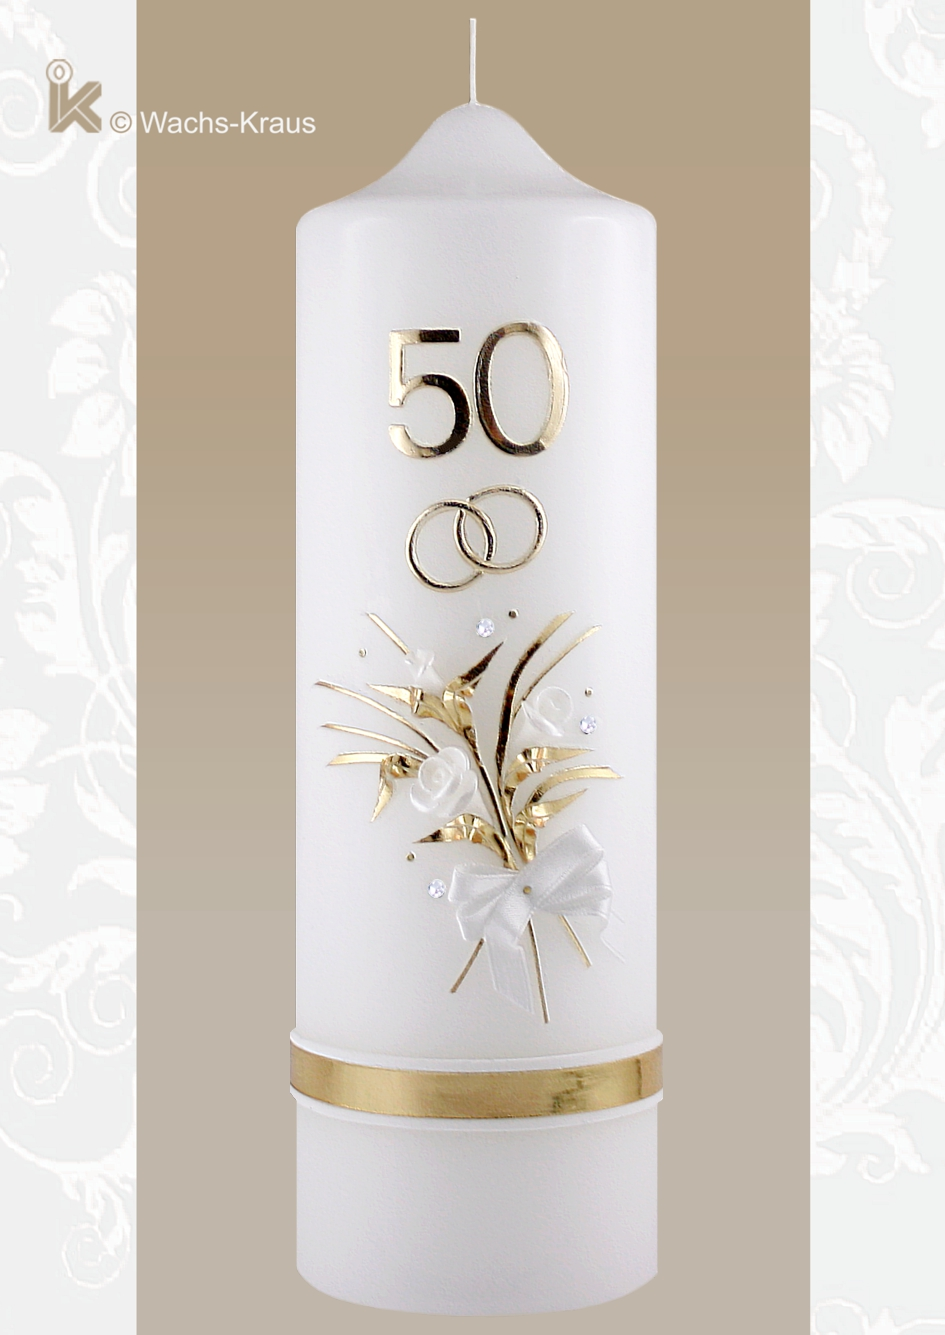 Diese fein verzierte  Kerze zum 50-jährigen Ehejubiläum mit dem dezenten, weiß unterlegten, goldenen Abschlussband ist ein wunderbares Geschenk.